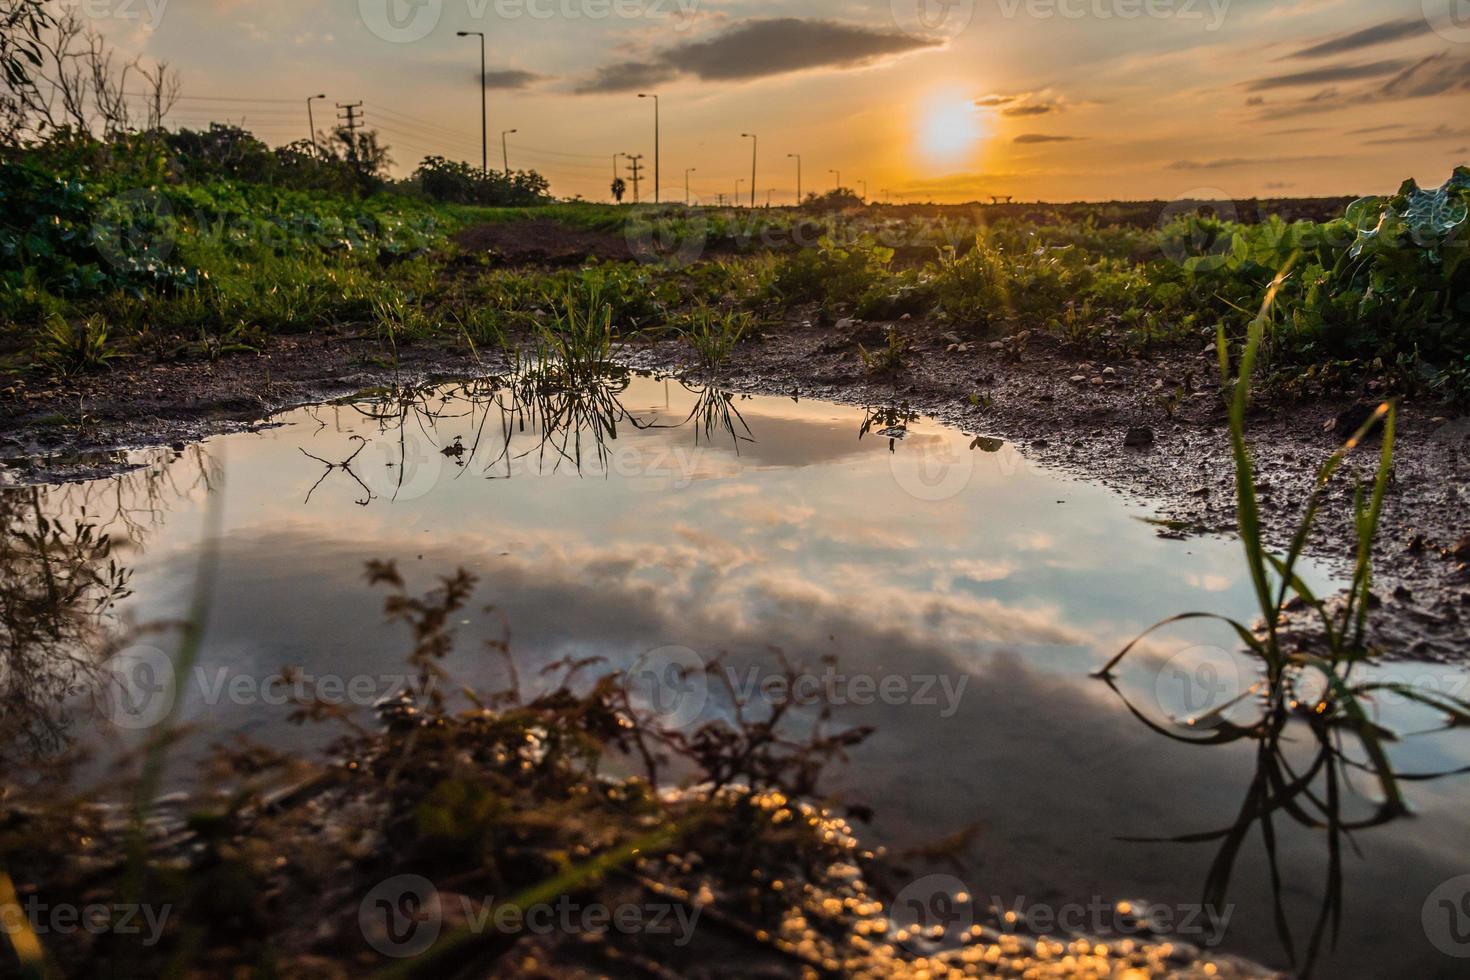 himlen reflekteras i en vattenpöl i ett fält vid solnedgången foto